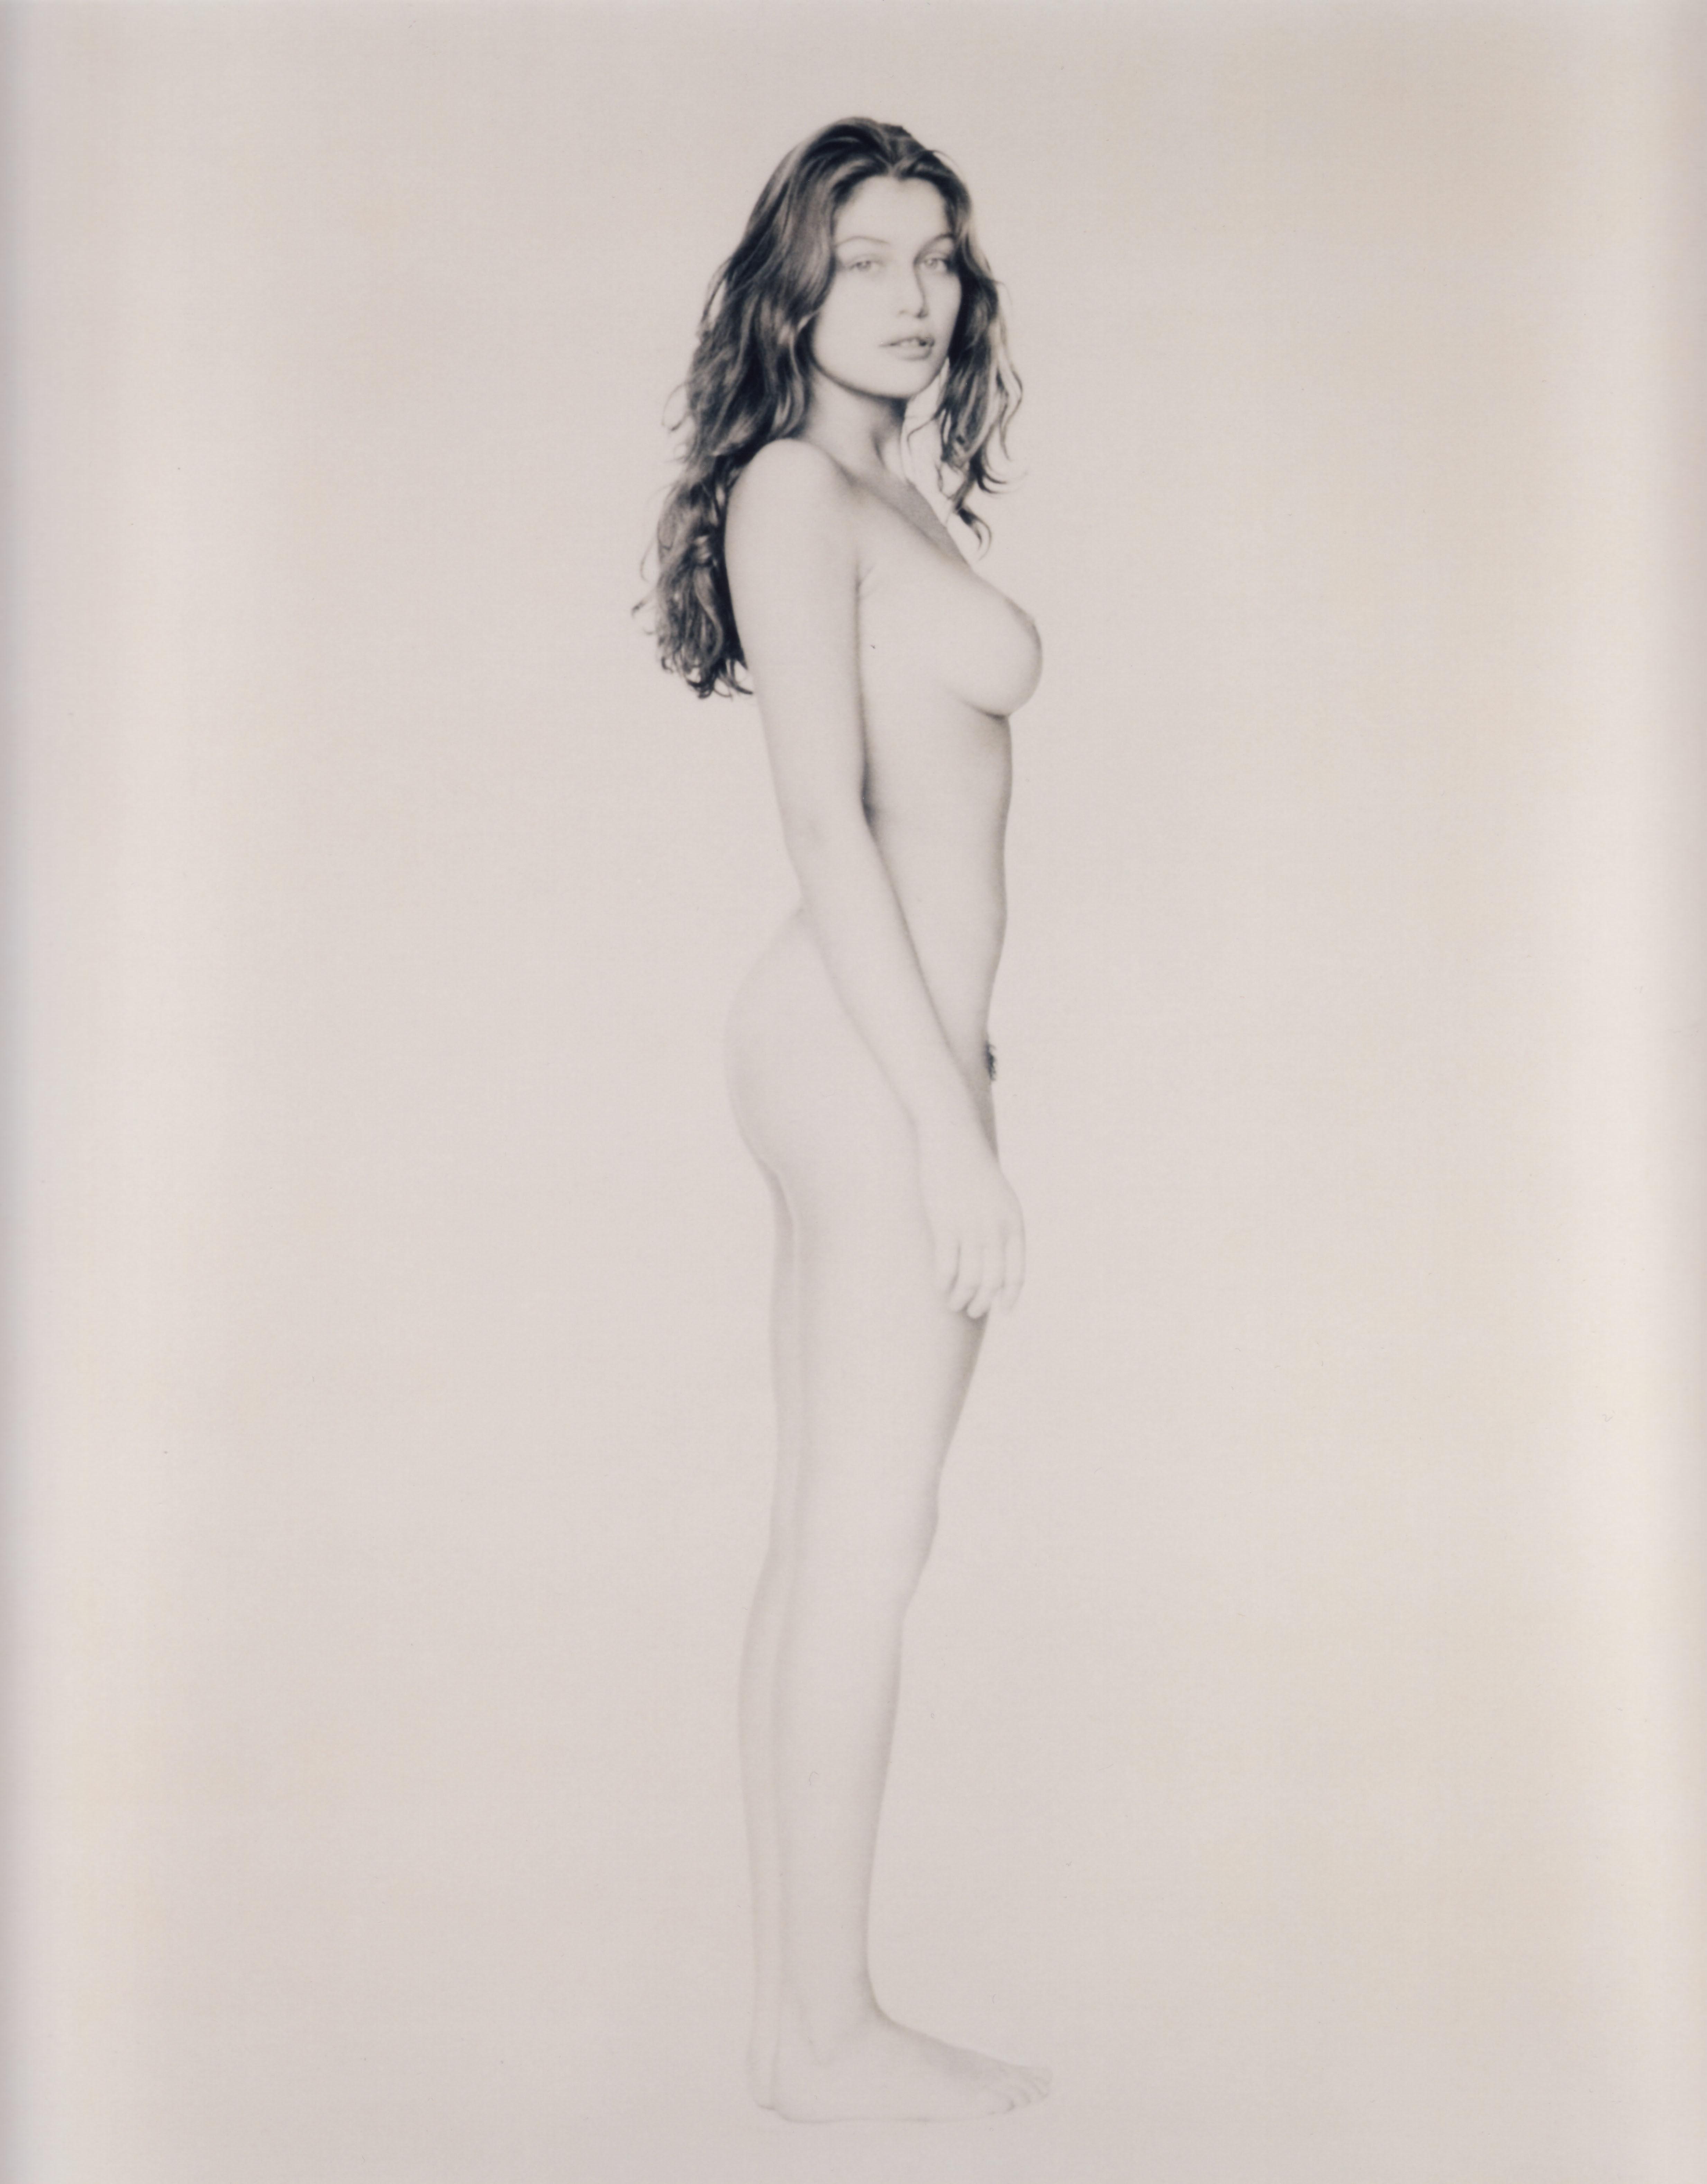 Latetia casta nude